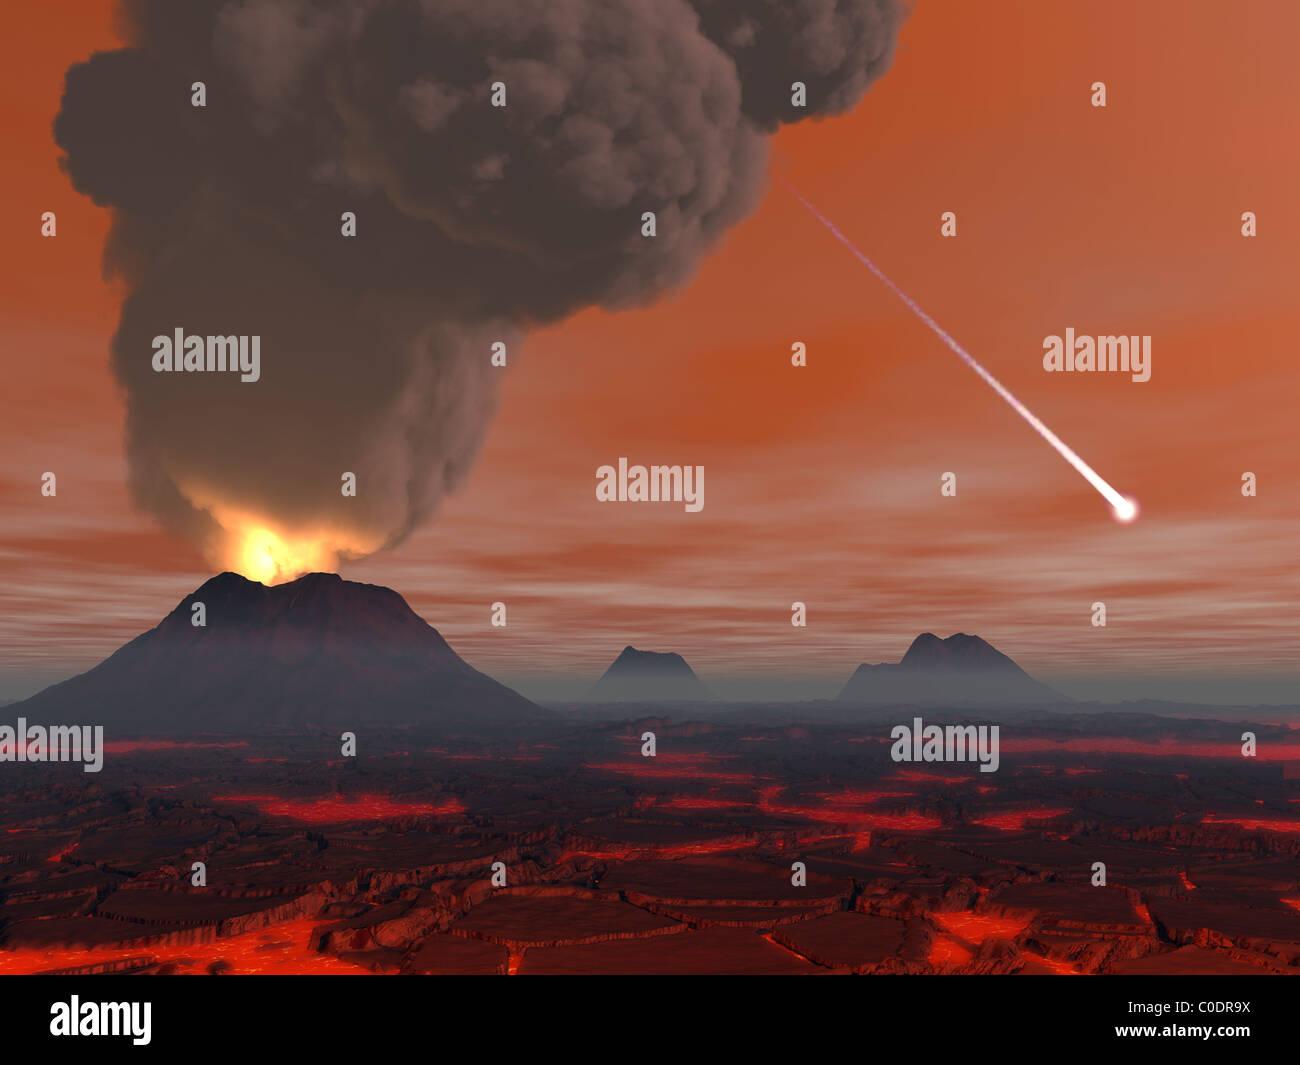 Concept de l'artiste montrant comment la surface de la Terre est apparu lors de l'éon Hadéen. Photo Stock